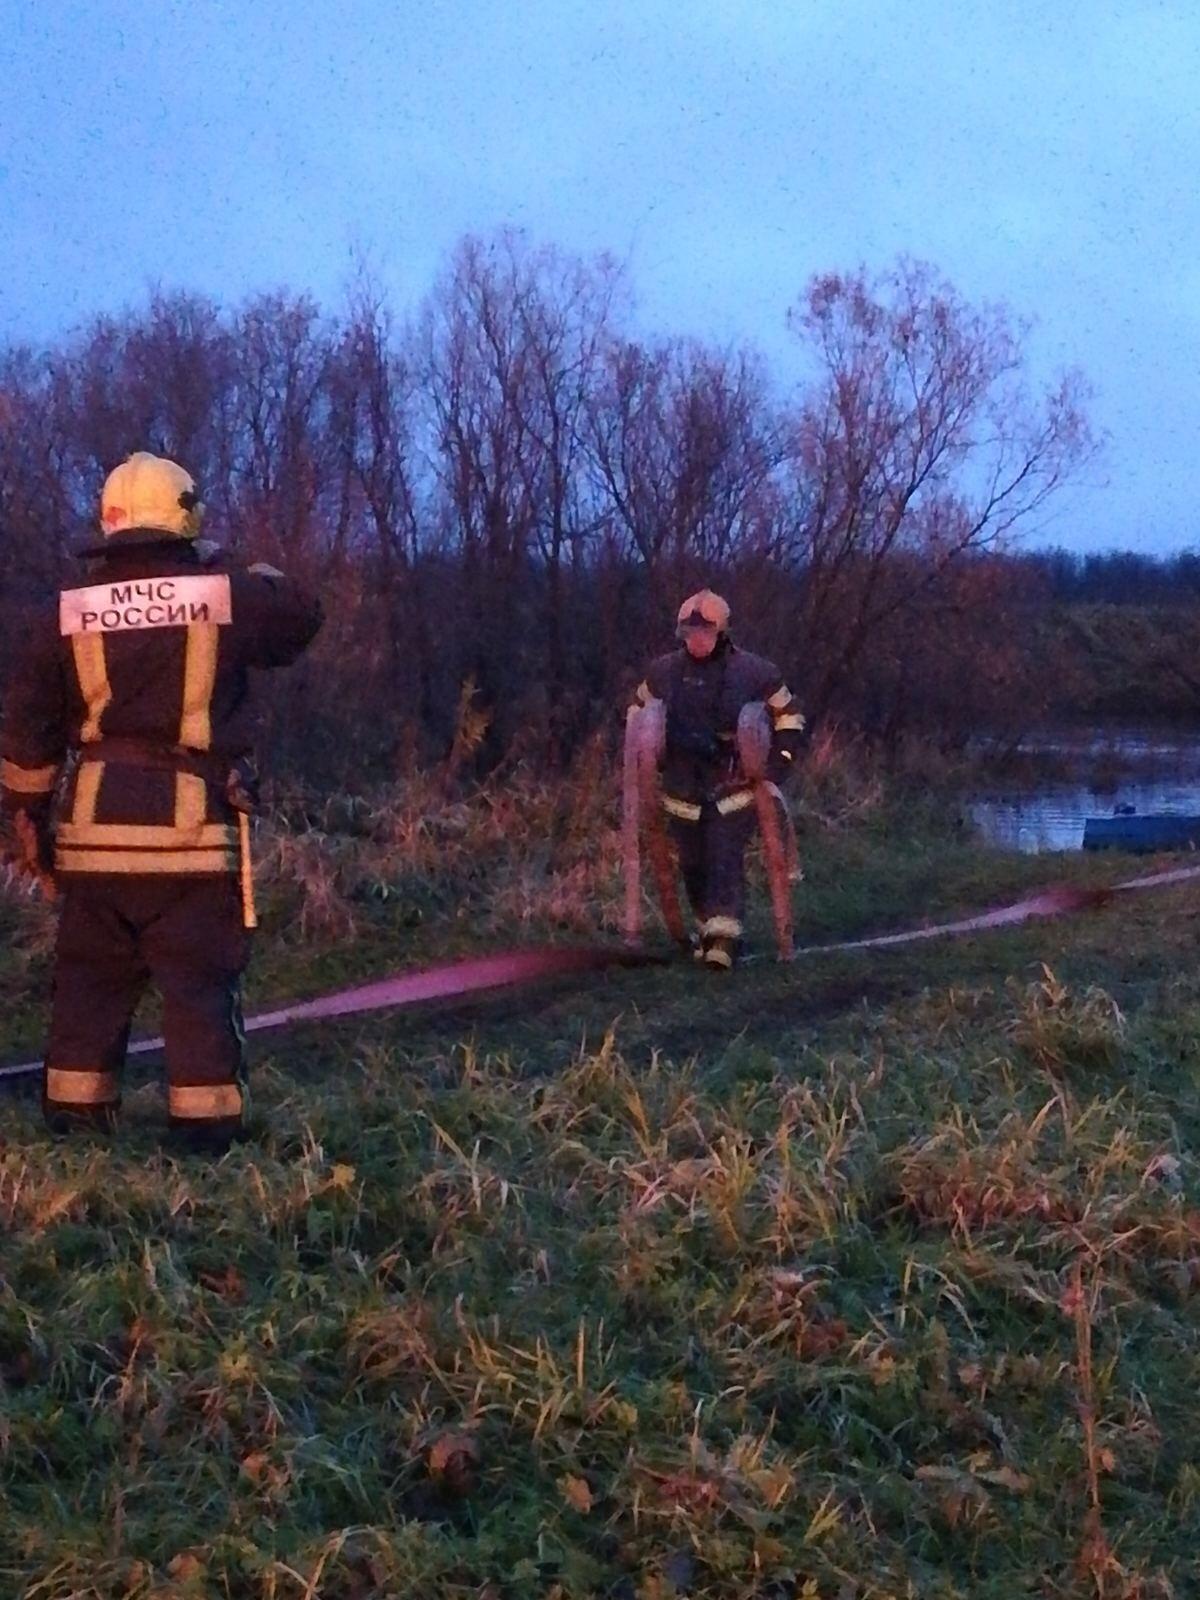 Пожарно-спасательные подразделения ликвидировали пожар в г. Архангельске.